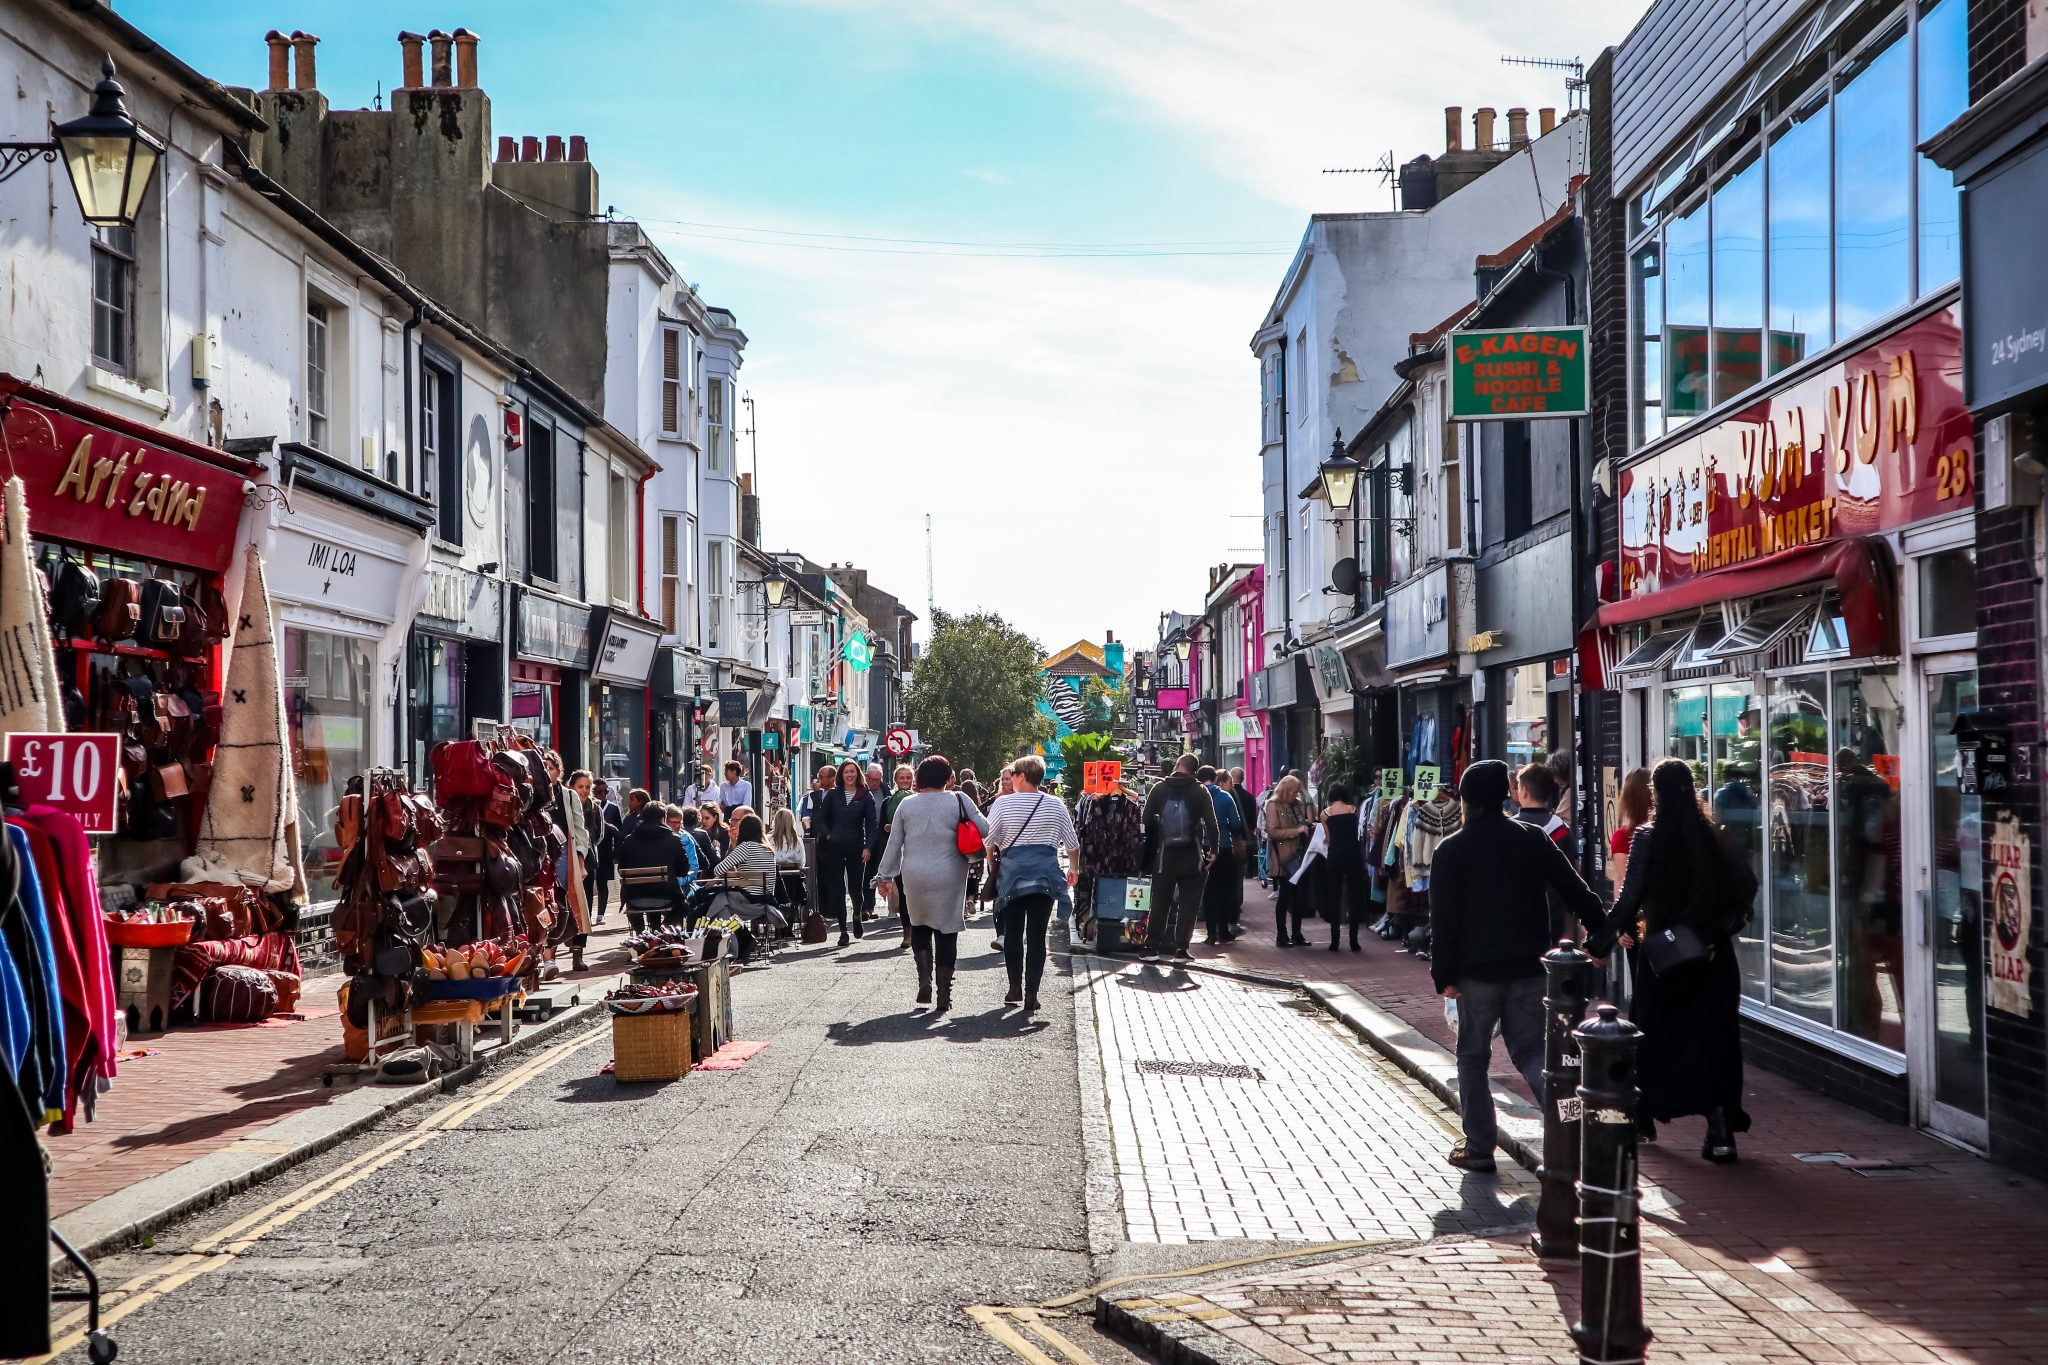 Die Lanes musst du während deines Brighton-Aufenthalts besuchen. Damit sind kleine, schmale Straßen gemeint, die in Brightons Zentrum liegen.